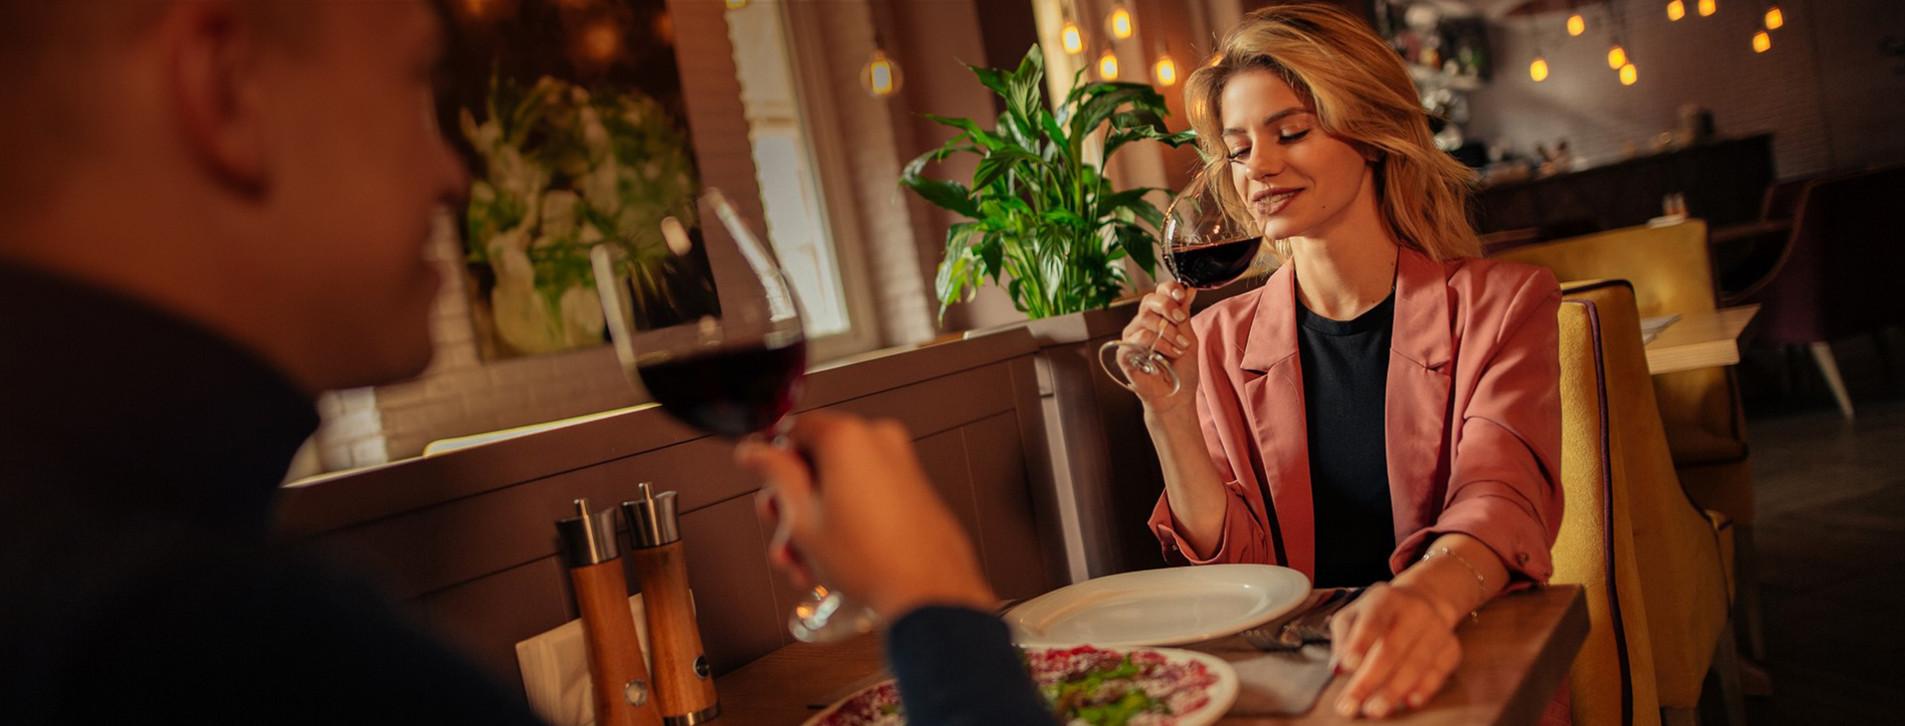 Фото 1 - Вечеря в італійському ресторані